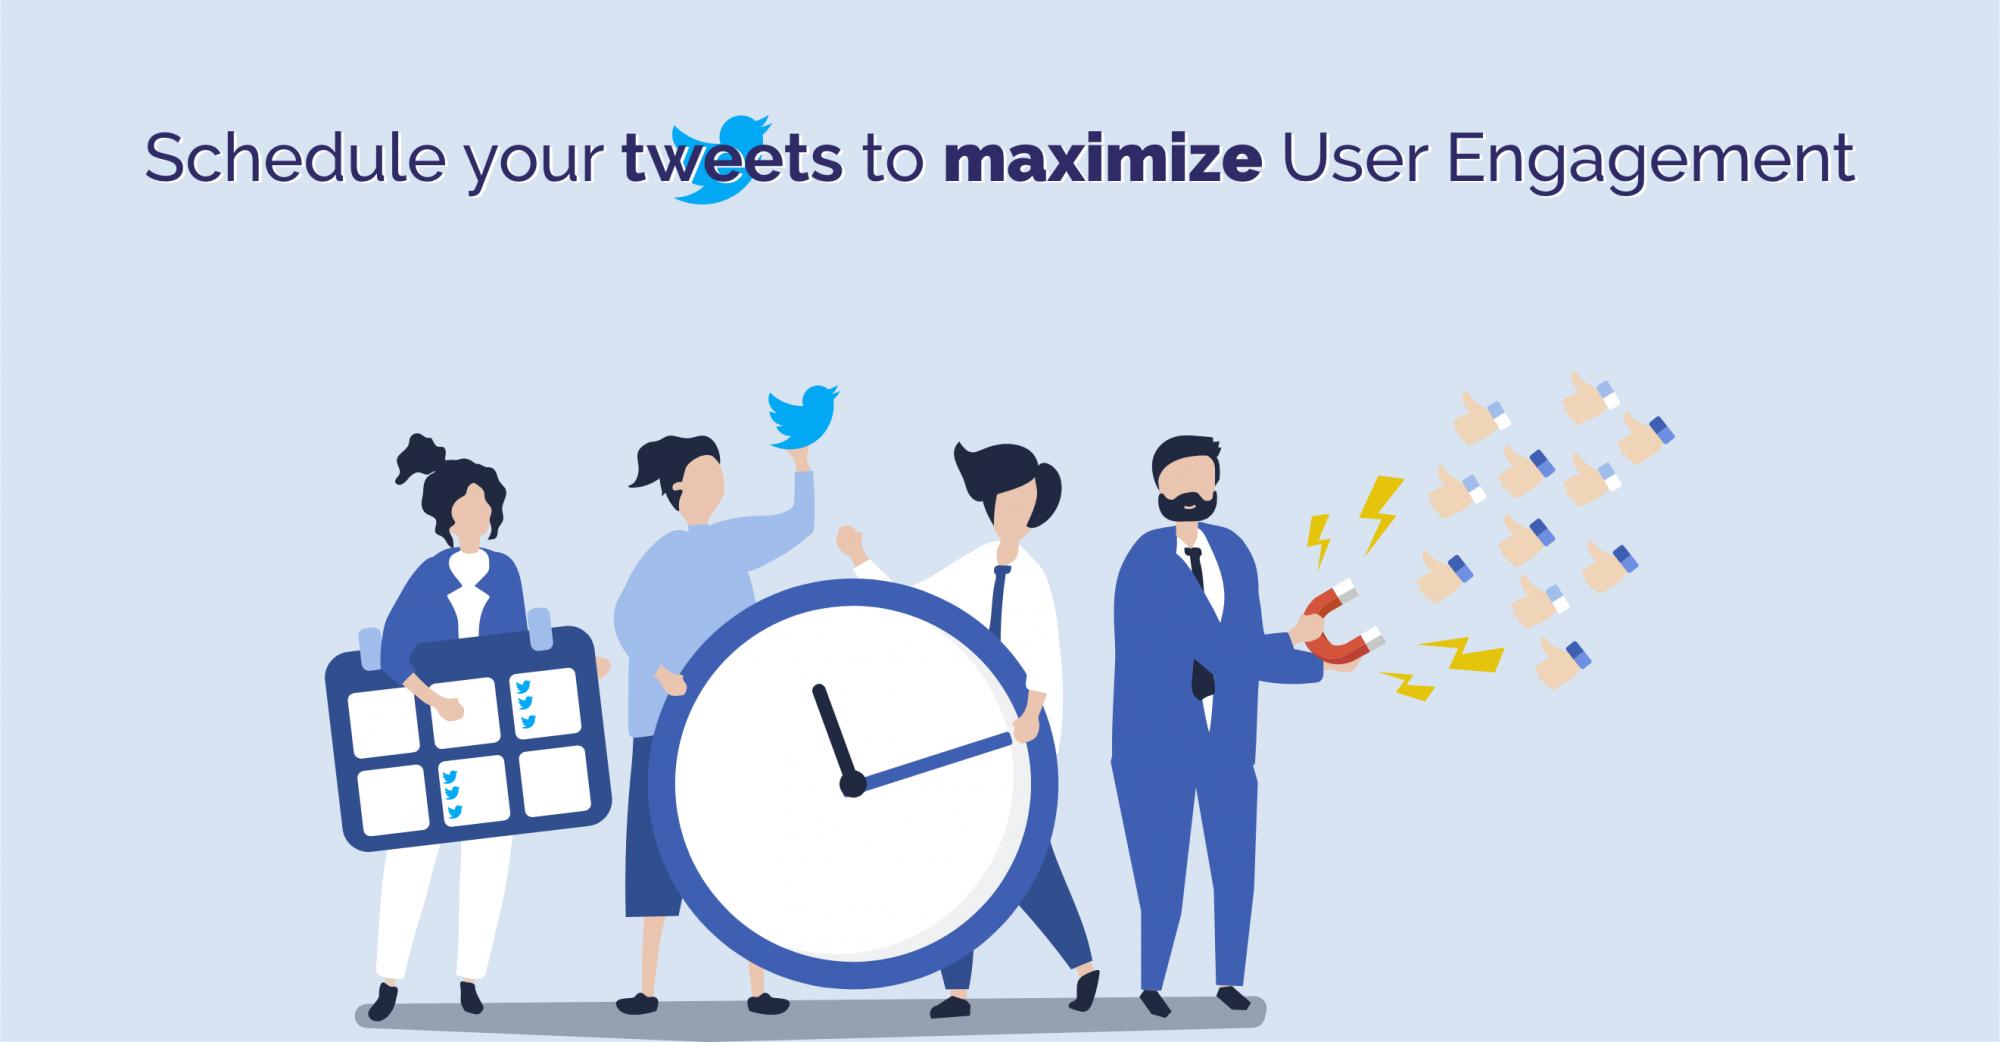 Schedule Tweets - ContentStudio